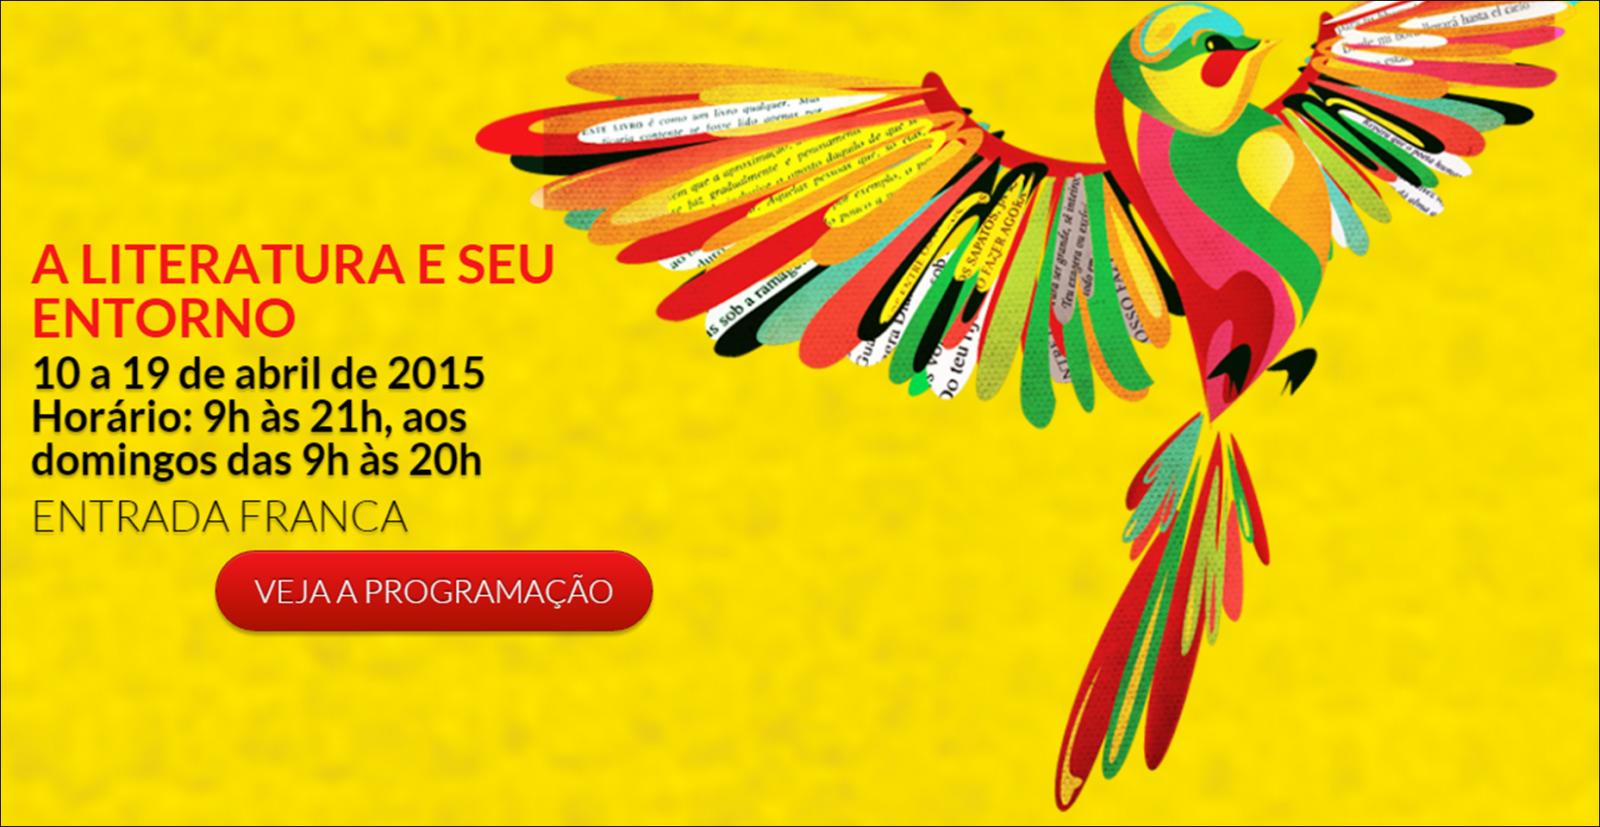 Final de semana com muitas atrações na 12a. Feira do Livro de Joinville (SC), confira e participe!